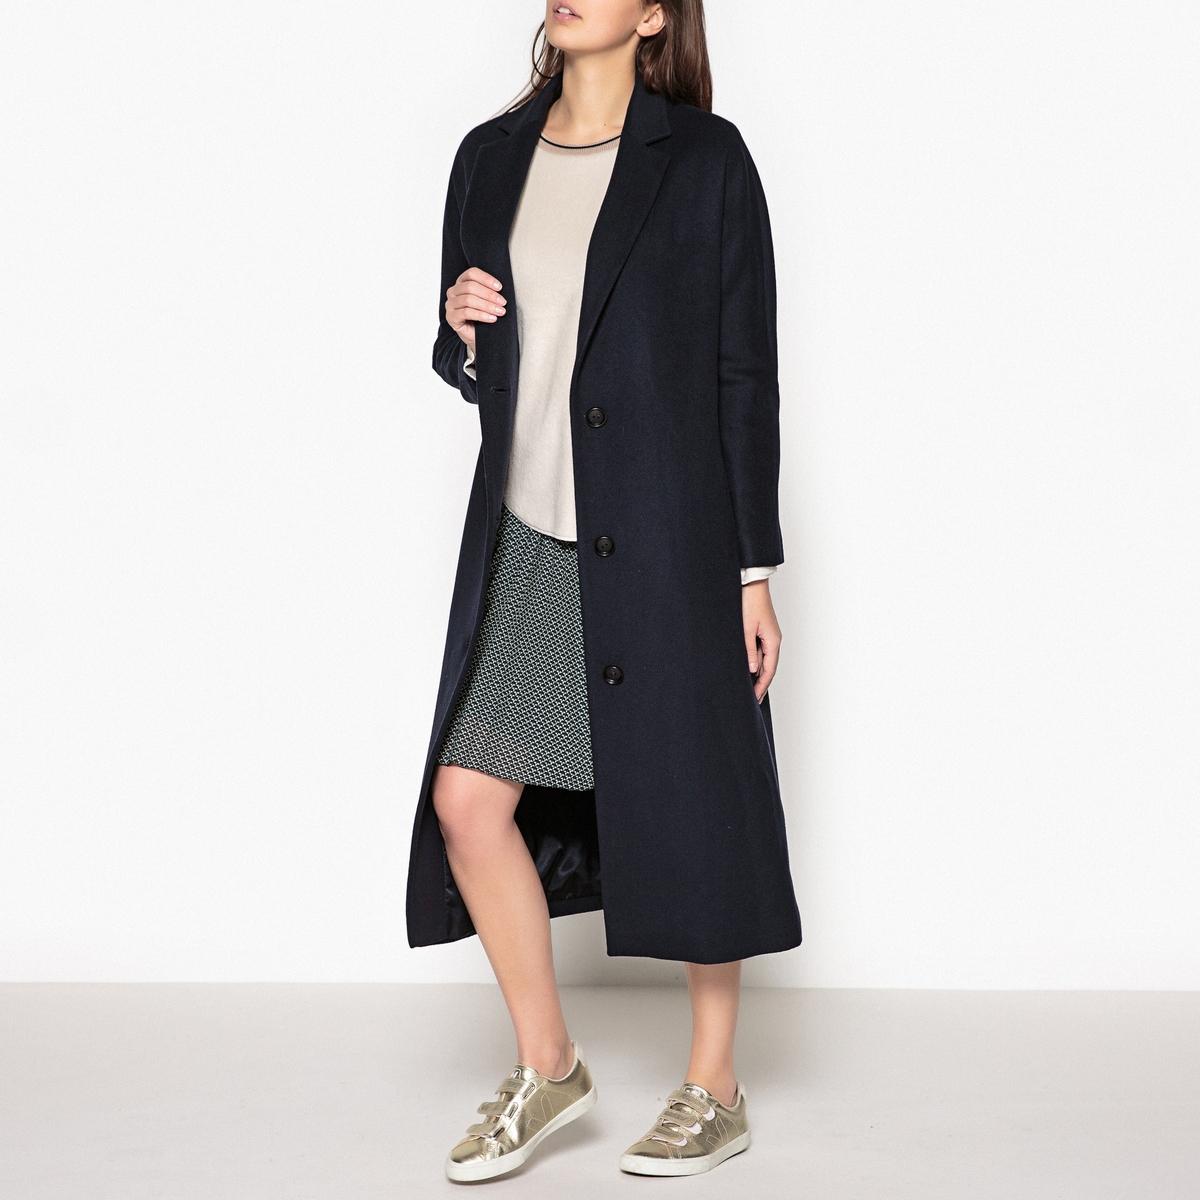 Пальто с рукавами-кимоно PAVONEОписание:Пальто длинное на пуговицах LA BRAND BOUTIQUE COLLECTION - модель PAVONE с рукавами-кимоно. Застежка на 3 пуговицы и зубчатый воротник  .Детали •  Длина  : удлиненная модель •   V-образный вырез • Застежка на пуговицыСостав и уход •  70% шерсти, 10% кашемира, 20% полиамида •  Следуйте советам по уходу, указанным на этикетке •  Рекомендуется заказывать на размер меньше Вашего обычного размера.<br><br>Цвет: темно-синий<br>Размер: 40 (FR) - 46 (RUS).38 (FR) - 44 (RUS)